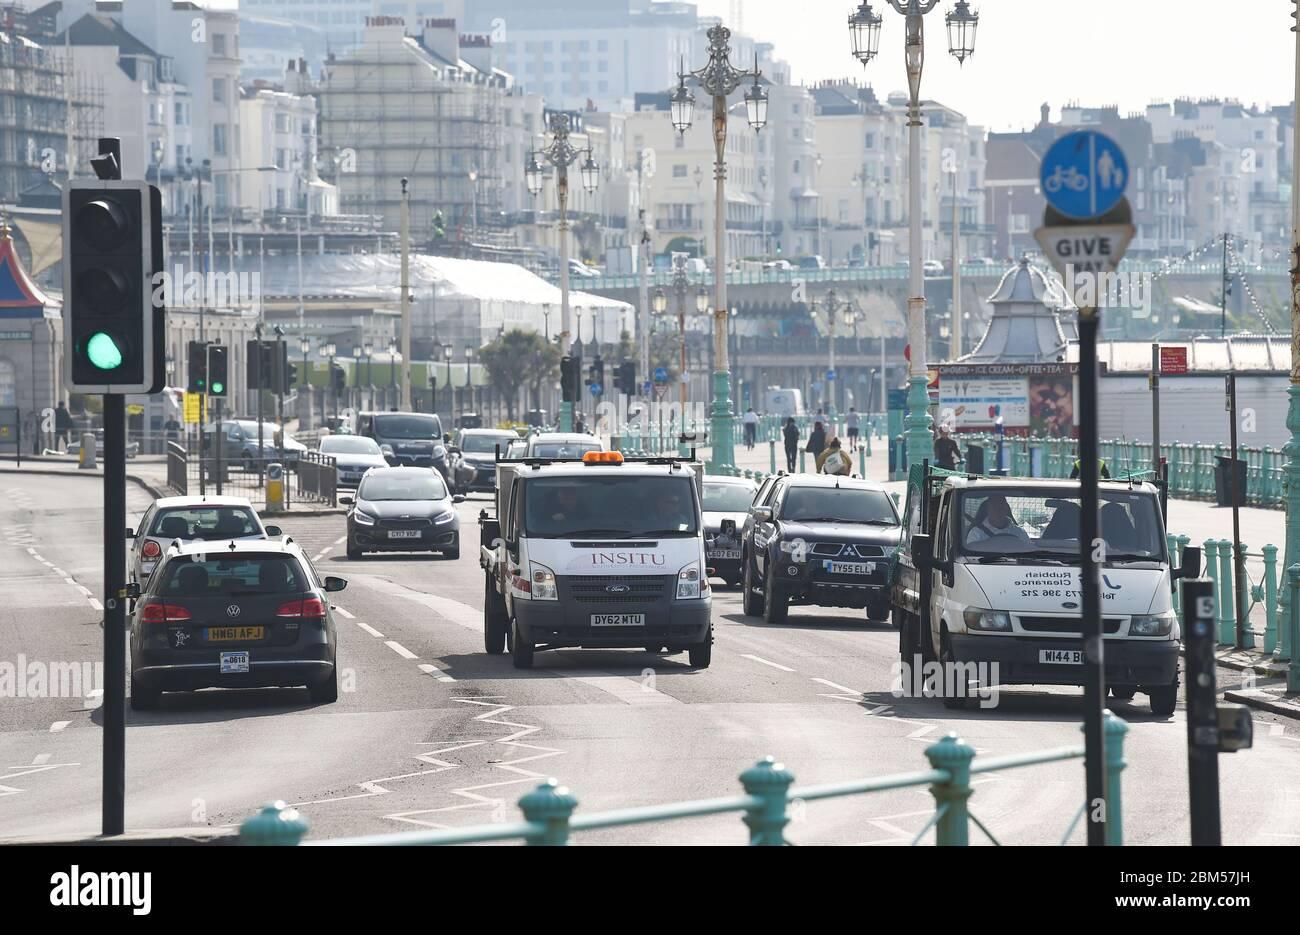 Brighton UK 7 de mayo de 2020 - más tráfico ha comenzado a aparecer a lo largo del paseo marítimo de Brighton que en las últimas semanas durante la crisis pandémica Coronavirus COVID-19 . . Crédito: Simon Dack / Alamy Live News Foto de stock